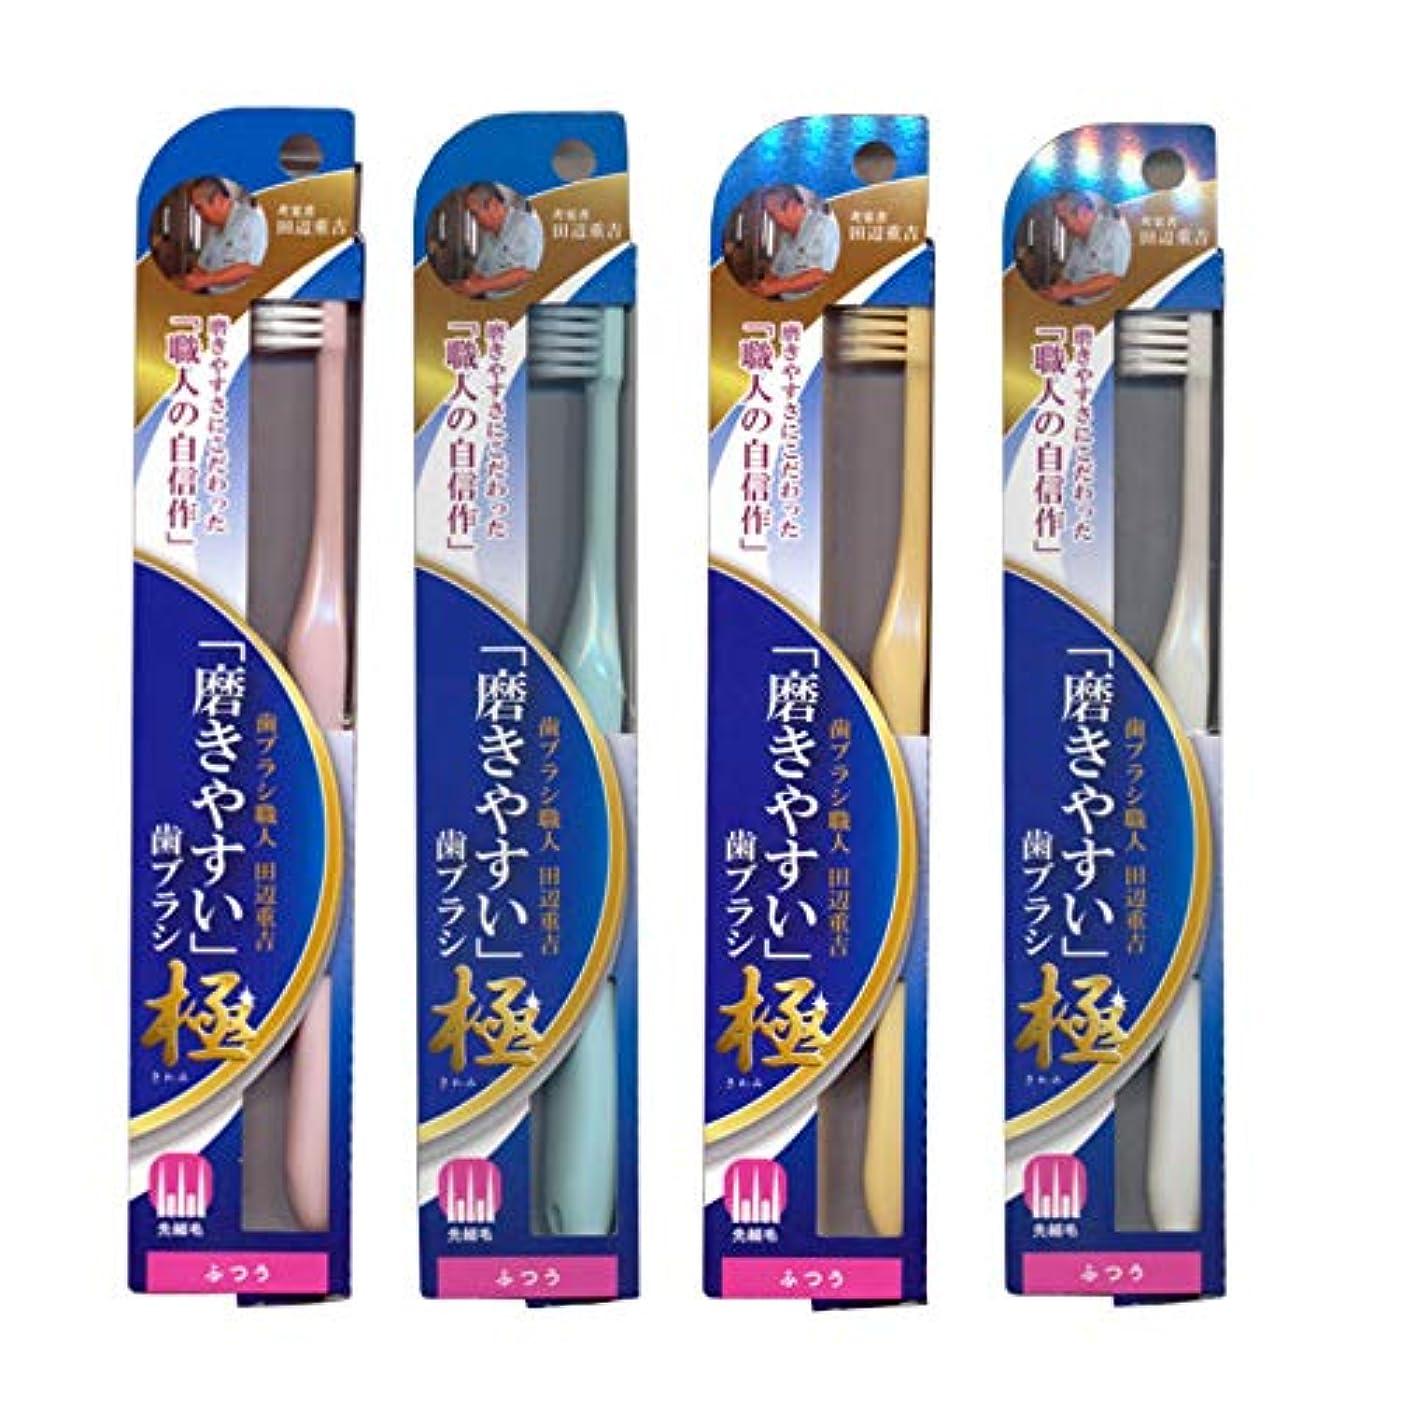 公式構造休み磨きやすい歯ブラシ極 (ふつう) LT-44×4本セット(ピンク×1、ブルー×1、ホワイト×1、イエロー×1)先細毛